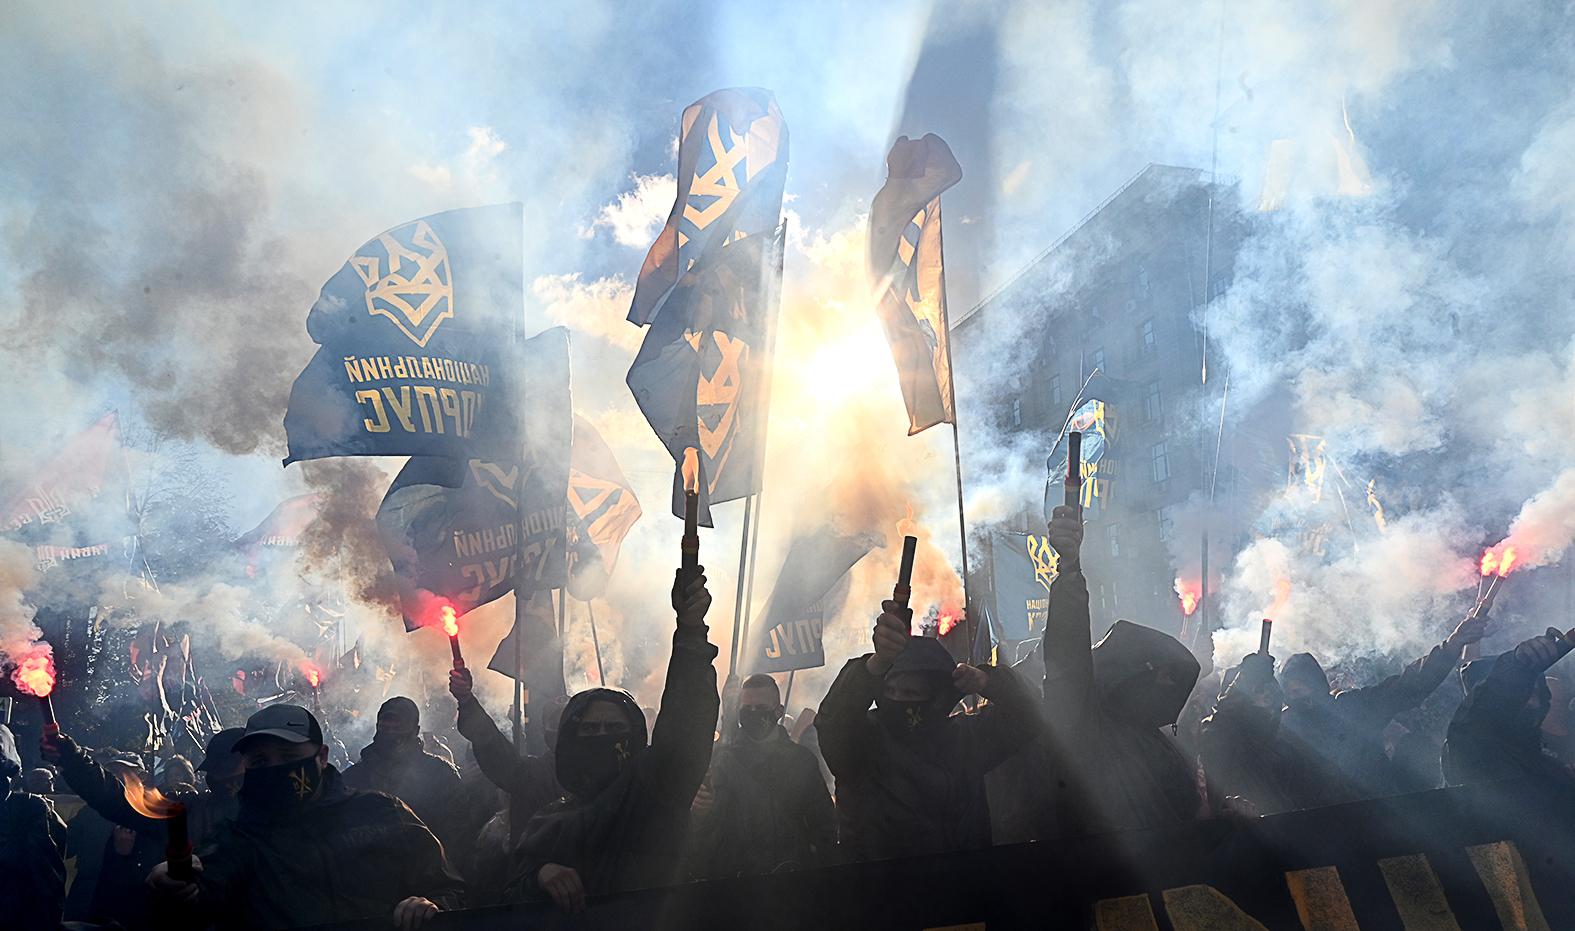 """""""A radikálisok hajthatatlansága pedig ebben a kérdésben megelőlegezi, hogy – hacsak nem történik valamilyen váratlan nemzetközi vagy akár ukrán belpolitikai fordulat – 2021-ben sem várhatóak döntő előrelépések a kelet-ukrajnai konfliktus kérdésében"""" #moszkvater"""